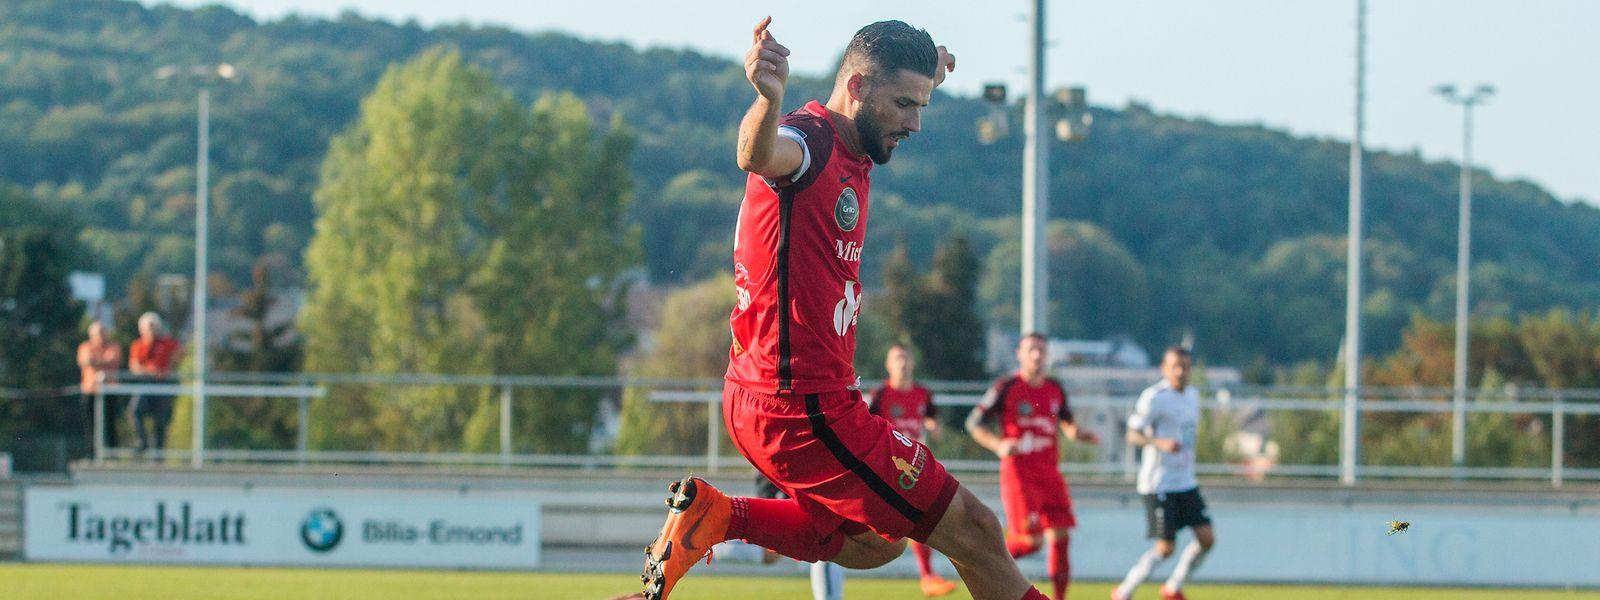 Pedro Ribeiro portera les couleurs de l'US Esch la saison prochaine.